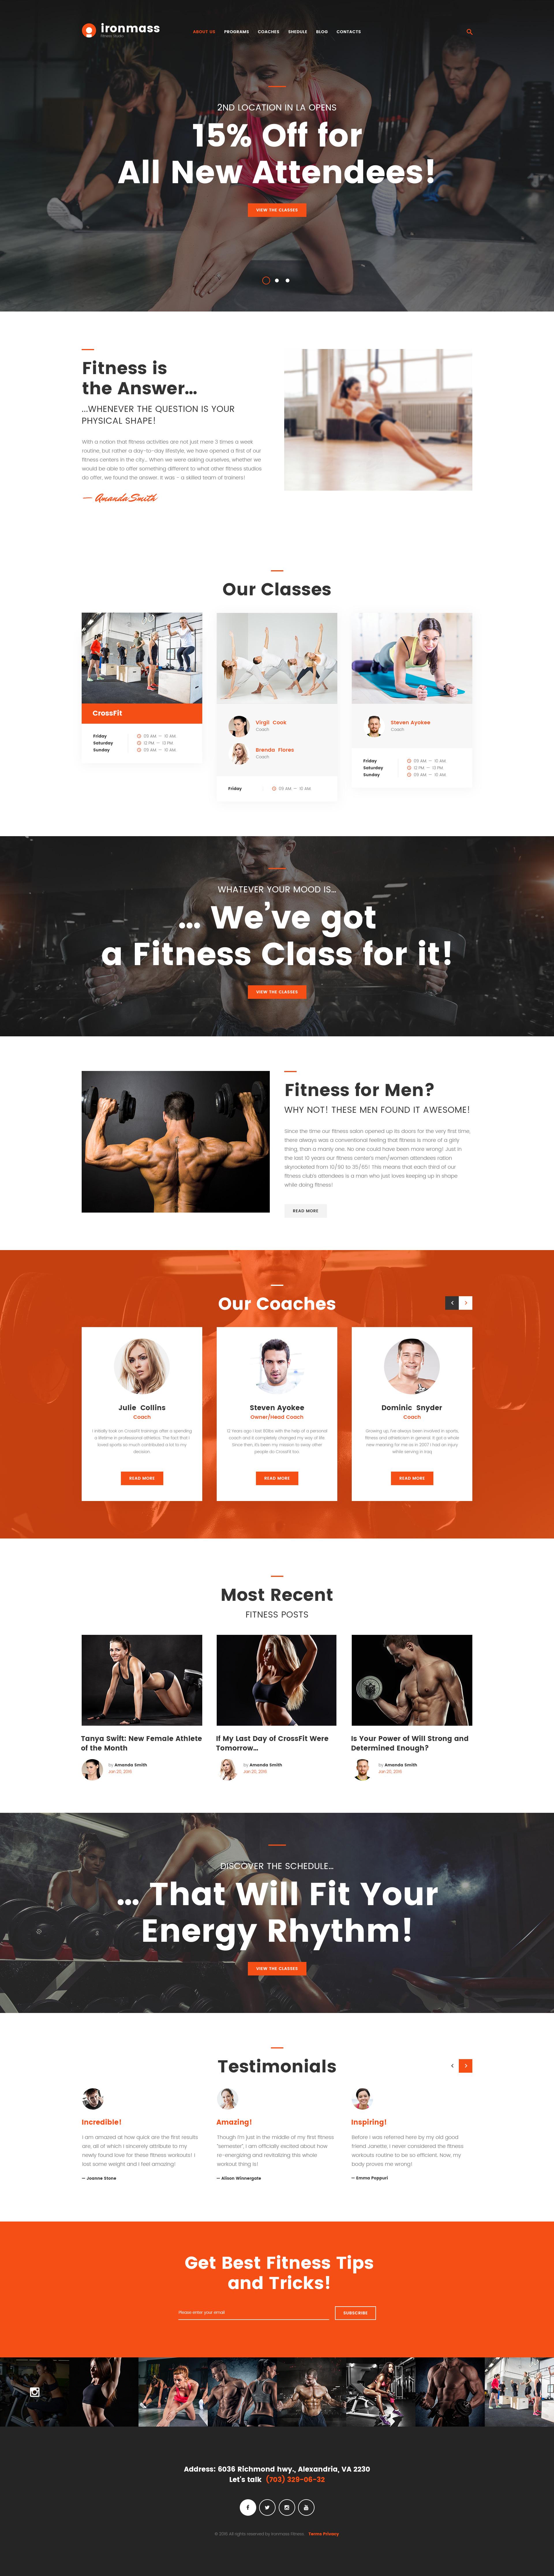 Responsywny szablon strony www Ironmass - wielostronicowa strona dla fitness centrum #62271 - zrzut ekranu